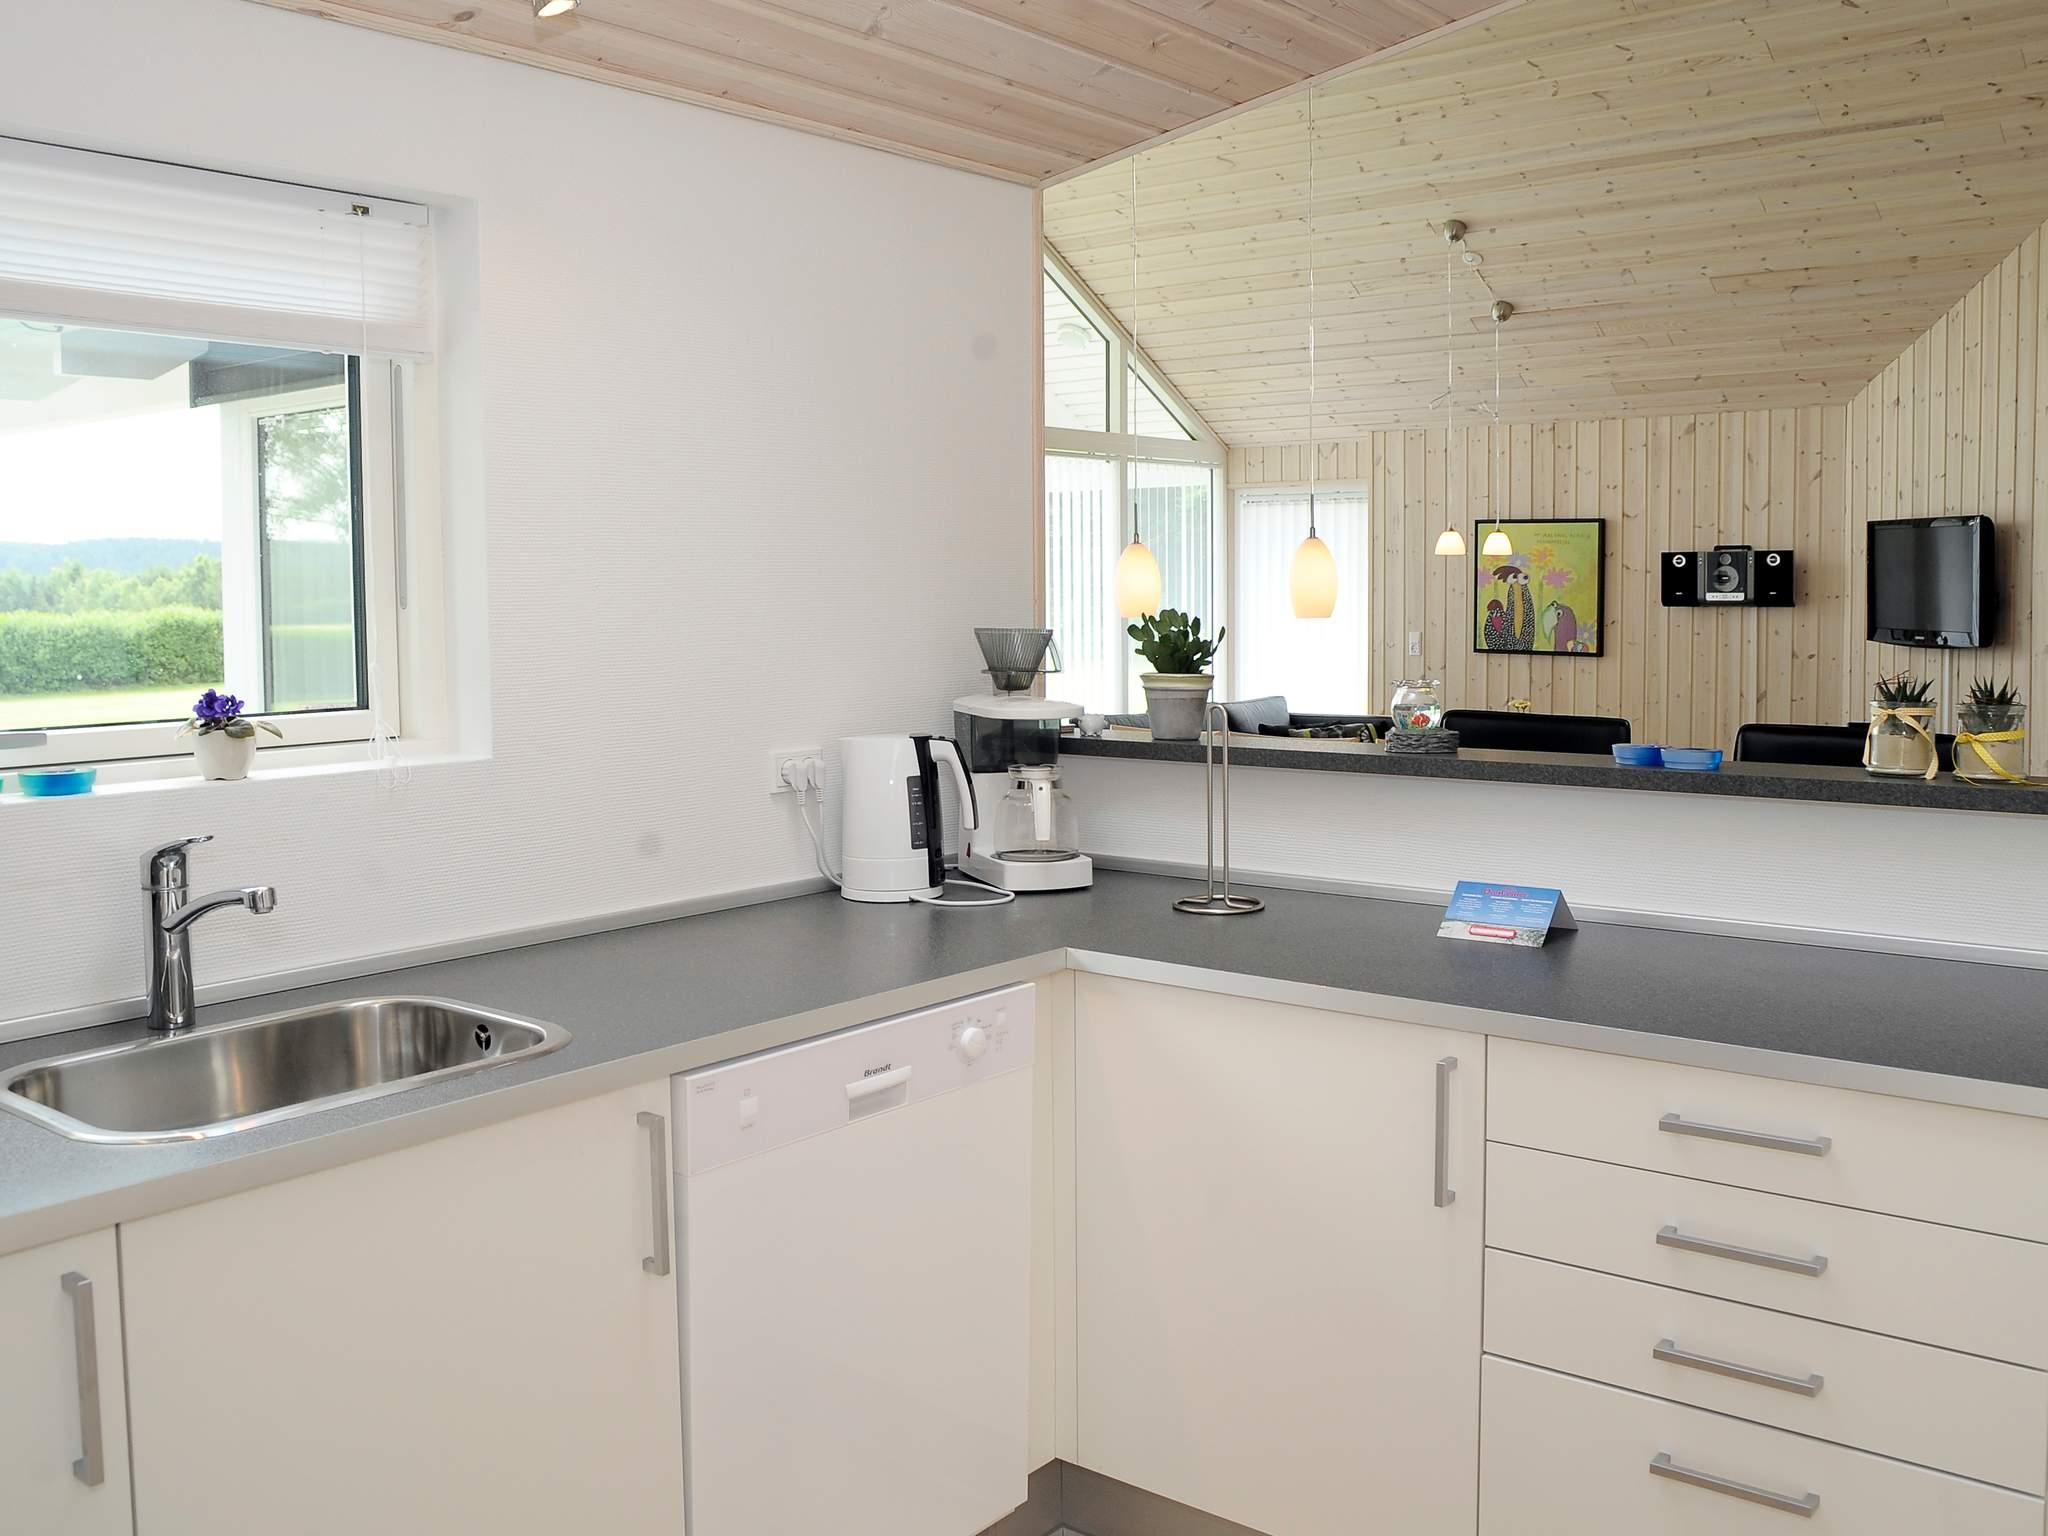 Ferienhaus Silkeborg (490433), Silkeborg, , Ostjütland, Dänemark, Bild 2